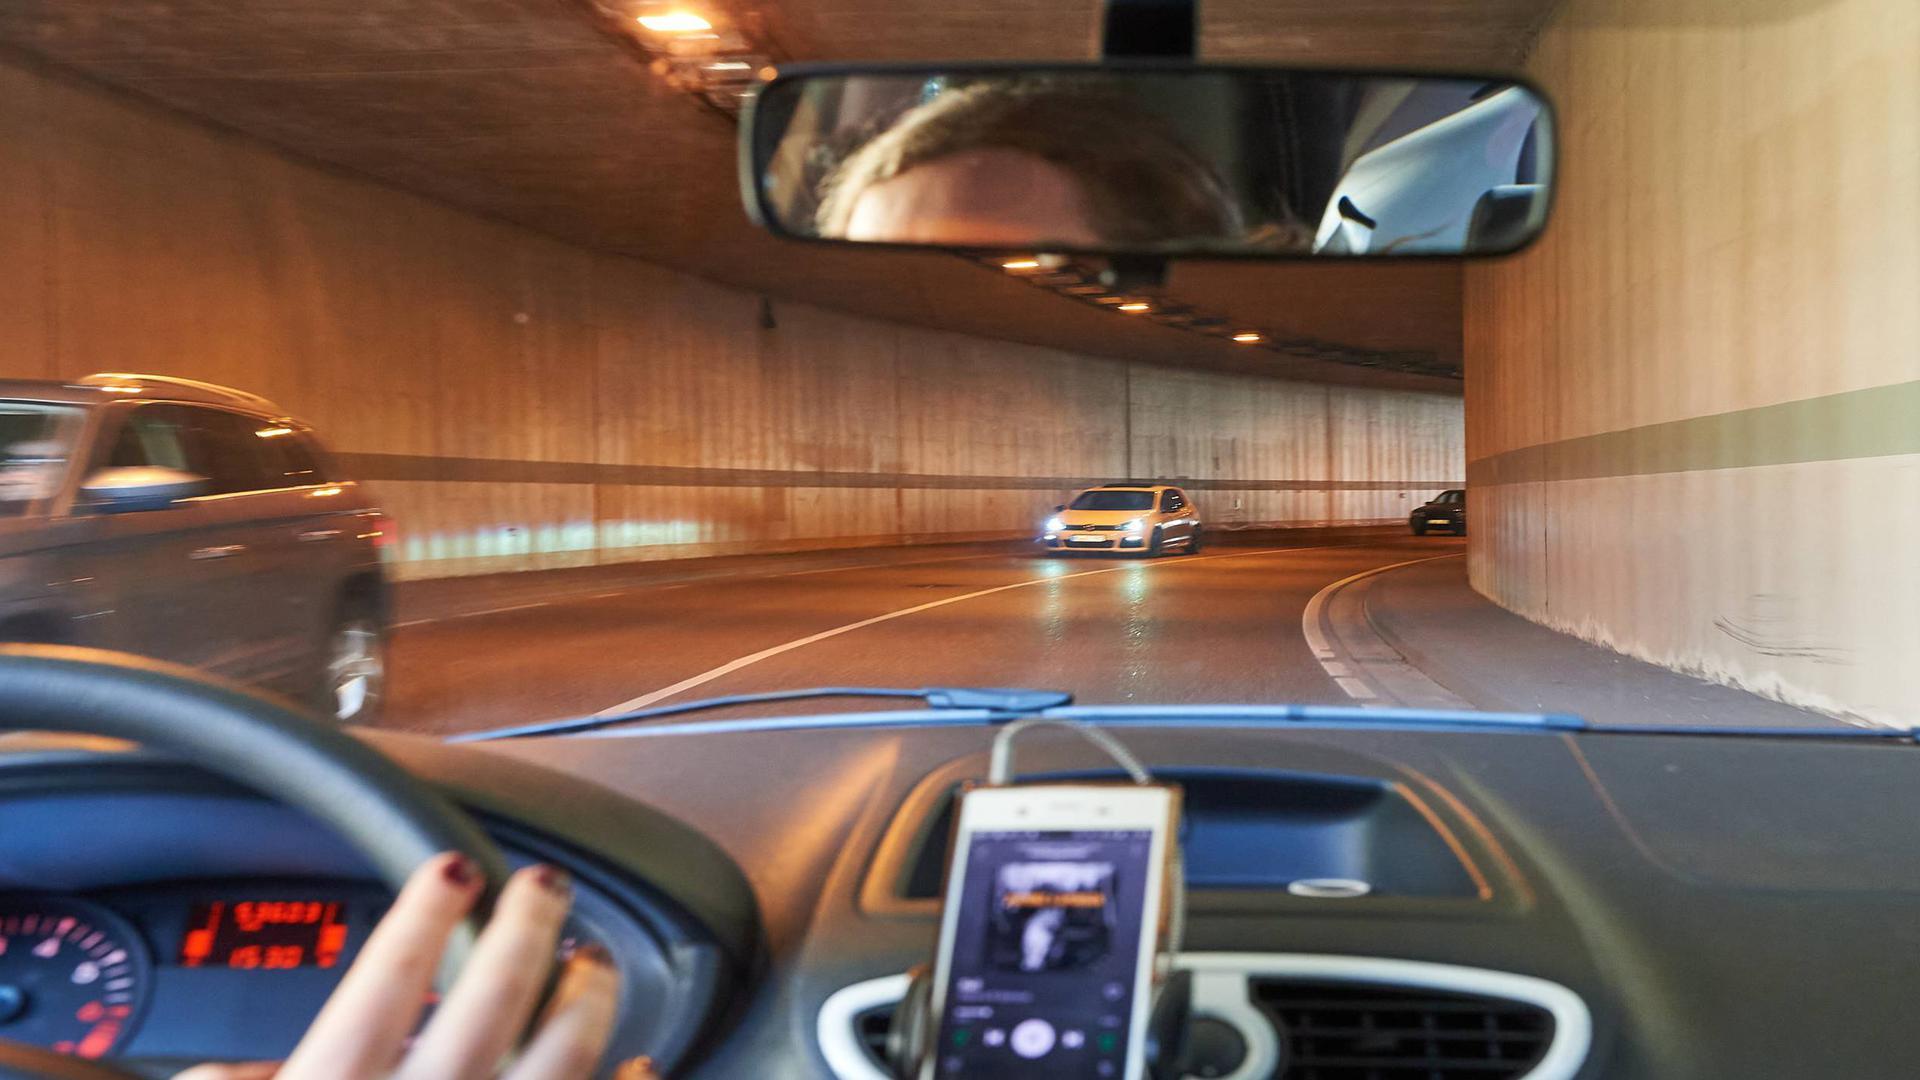 Tunnelllösung: Die Stadt Bruchsal will sich gegenüber dem Regierungspräsidium erneut für einen Innenstadt-Tunnel unter der bestehenden B35 stark machen.